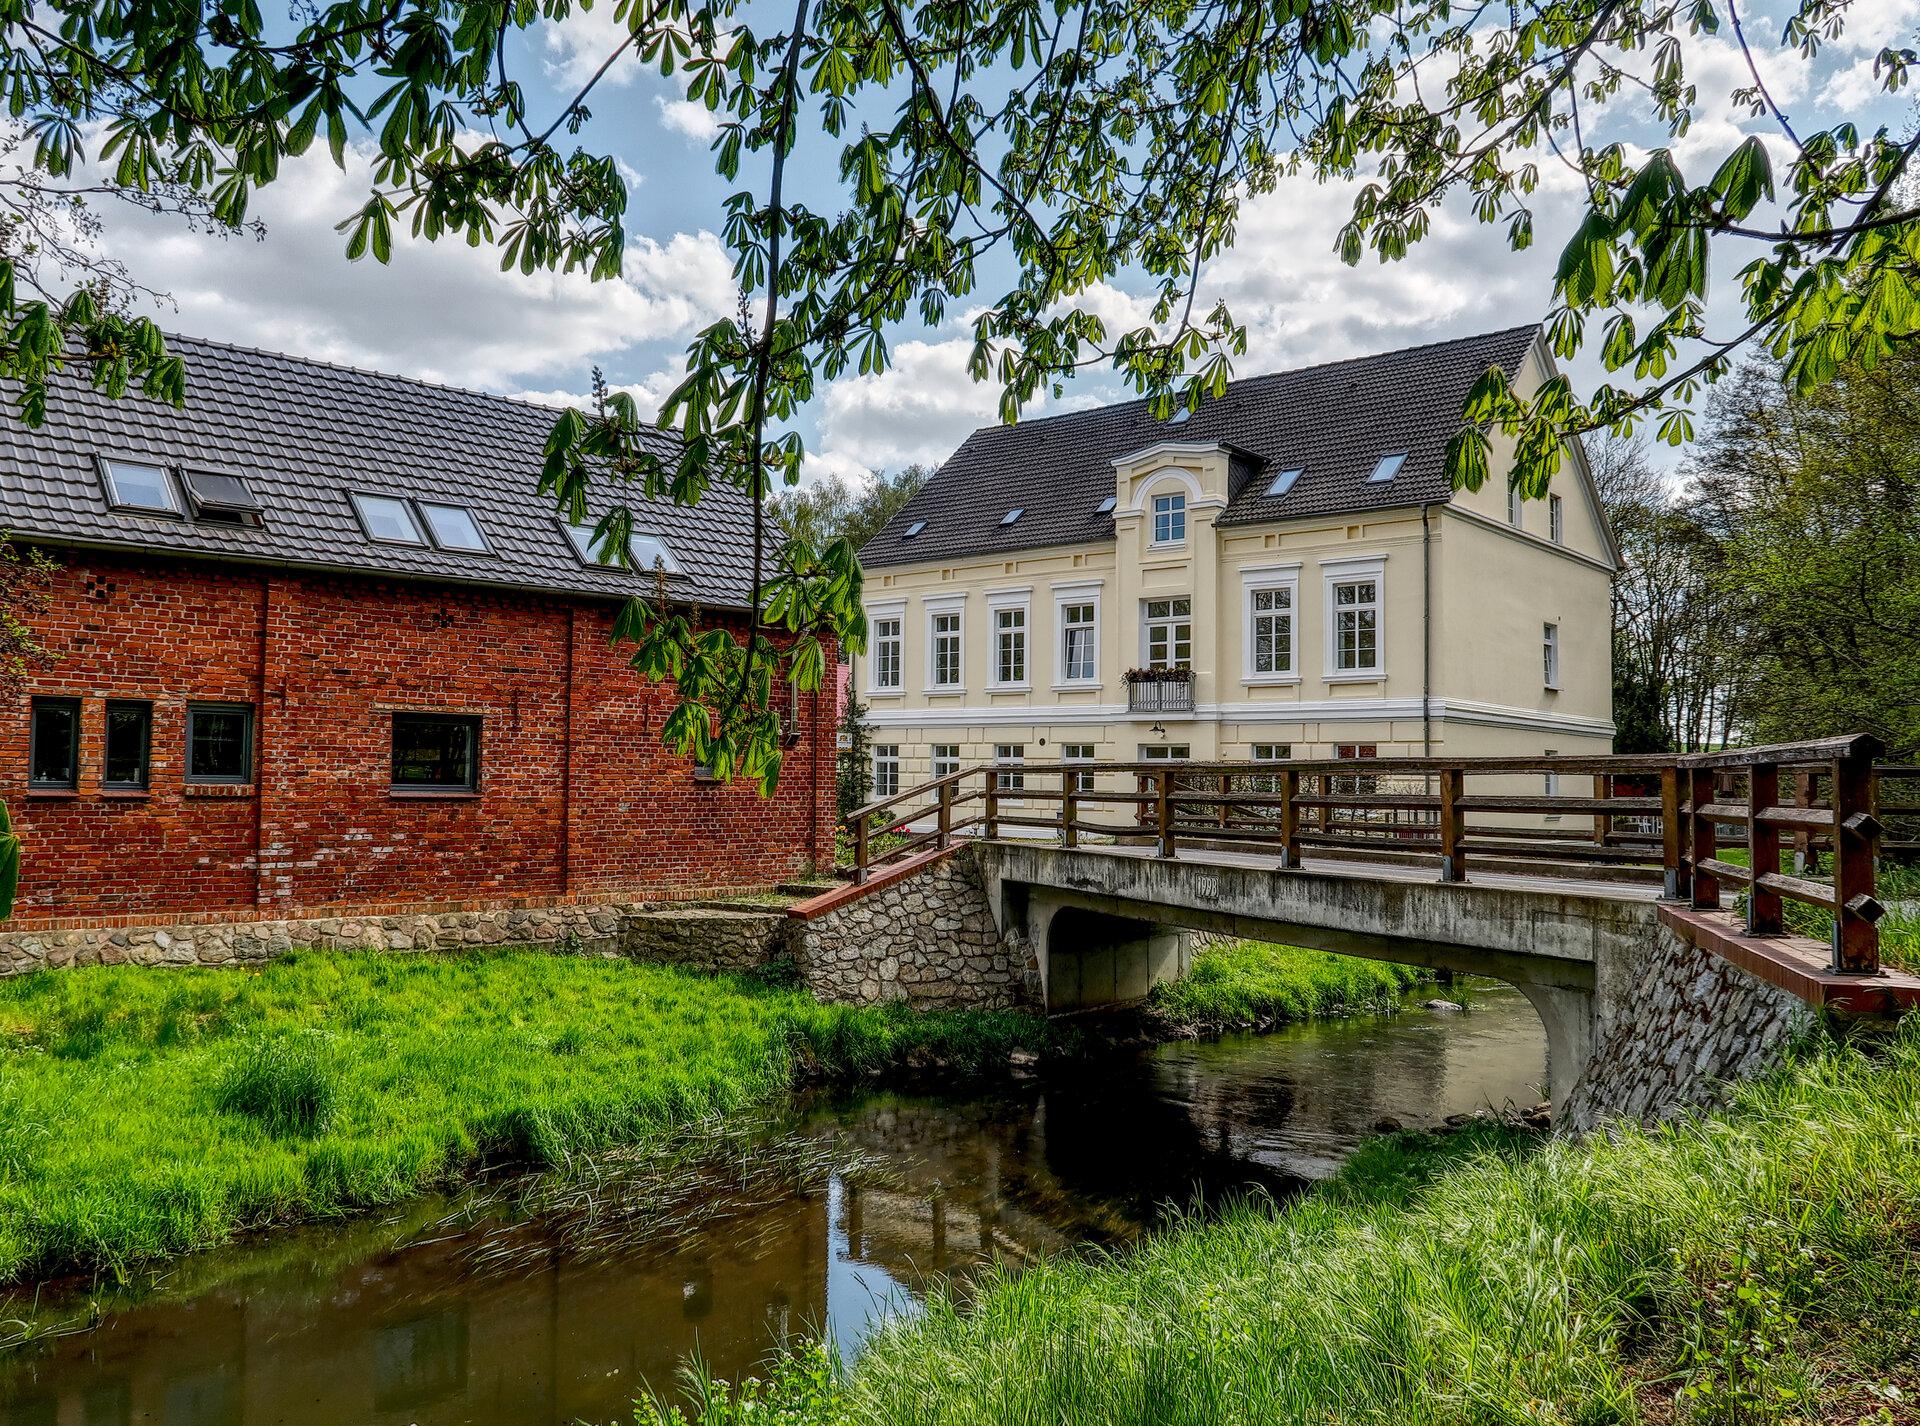 Flussabwärts: Die Schönhagener Mühle ist die letzte Pritzwalker Mühle am Lauf der Dömnitz. Foto: Lars Schladitz